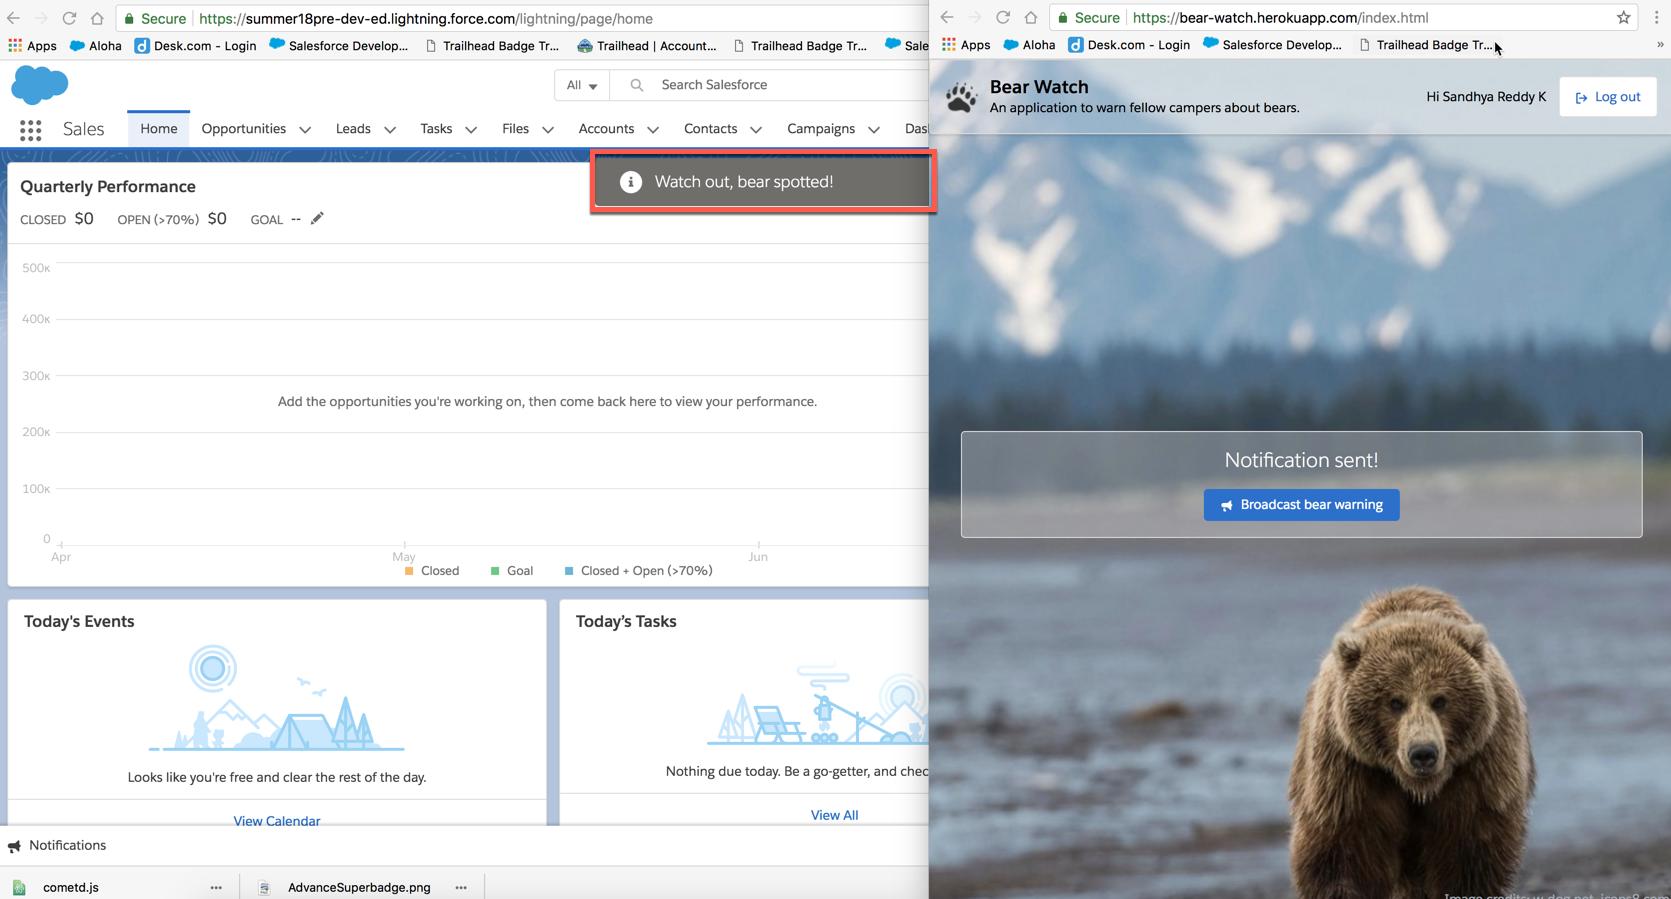 Bear Watch Heroku アプリケーションから通知が送信され、Salesforce の通知コンソールで受信されていることを示す画像